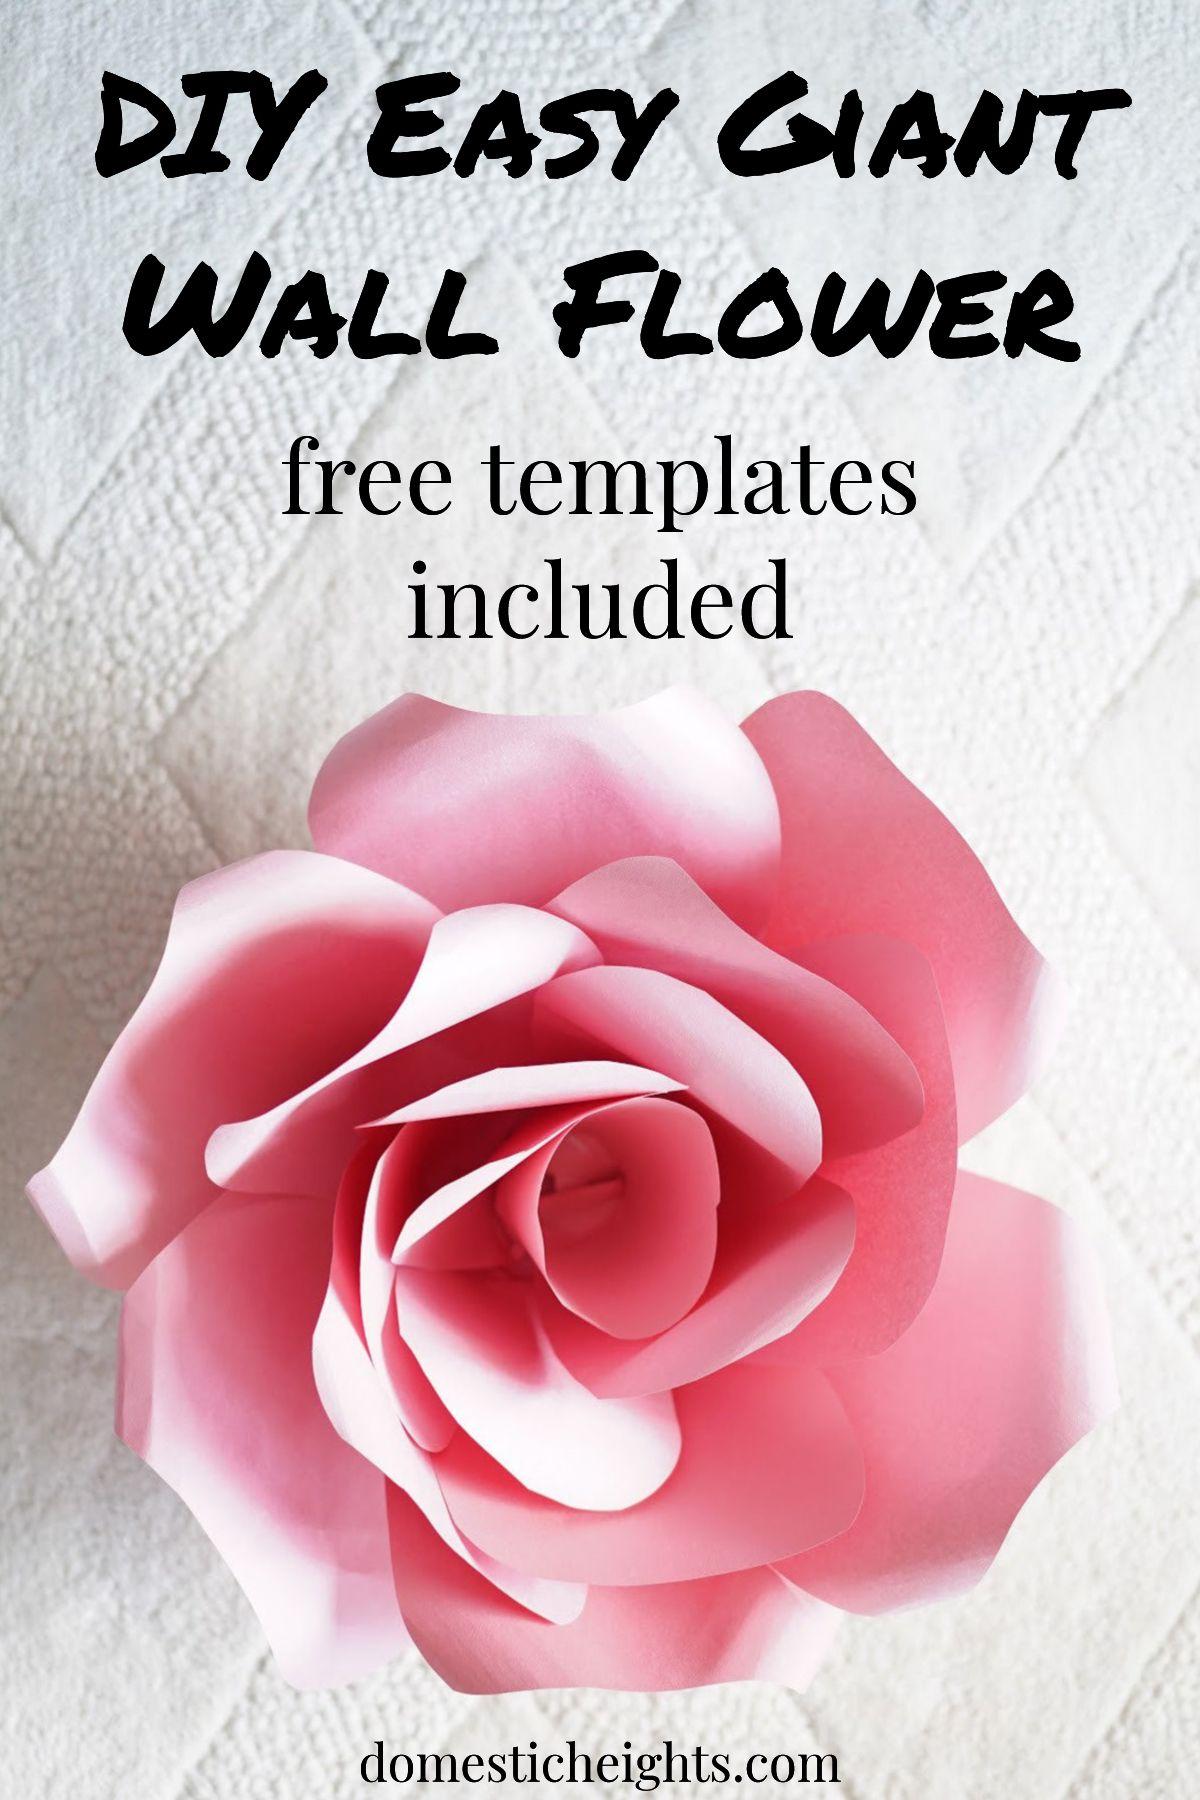 DIY Easy Giant Wall Flower #largepaperflowers